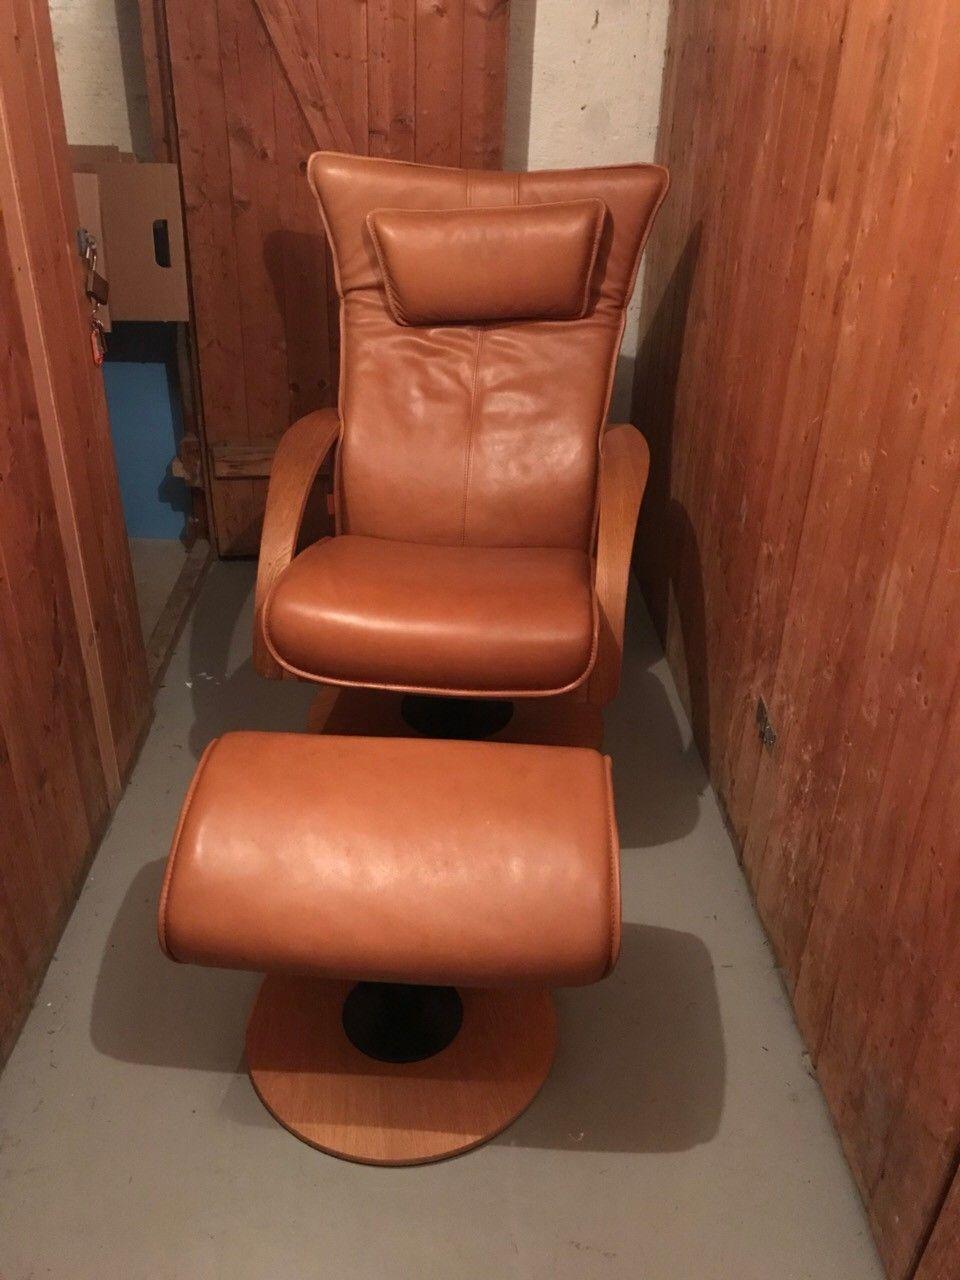 Lenestol Brunstad - Oslo  - Brunstad lenestol i brun skin med krakk. I relativt god stand. En identifisert flekk under stolen, men går vekk med vask. - Oslo